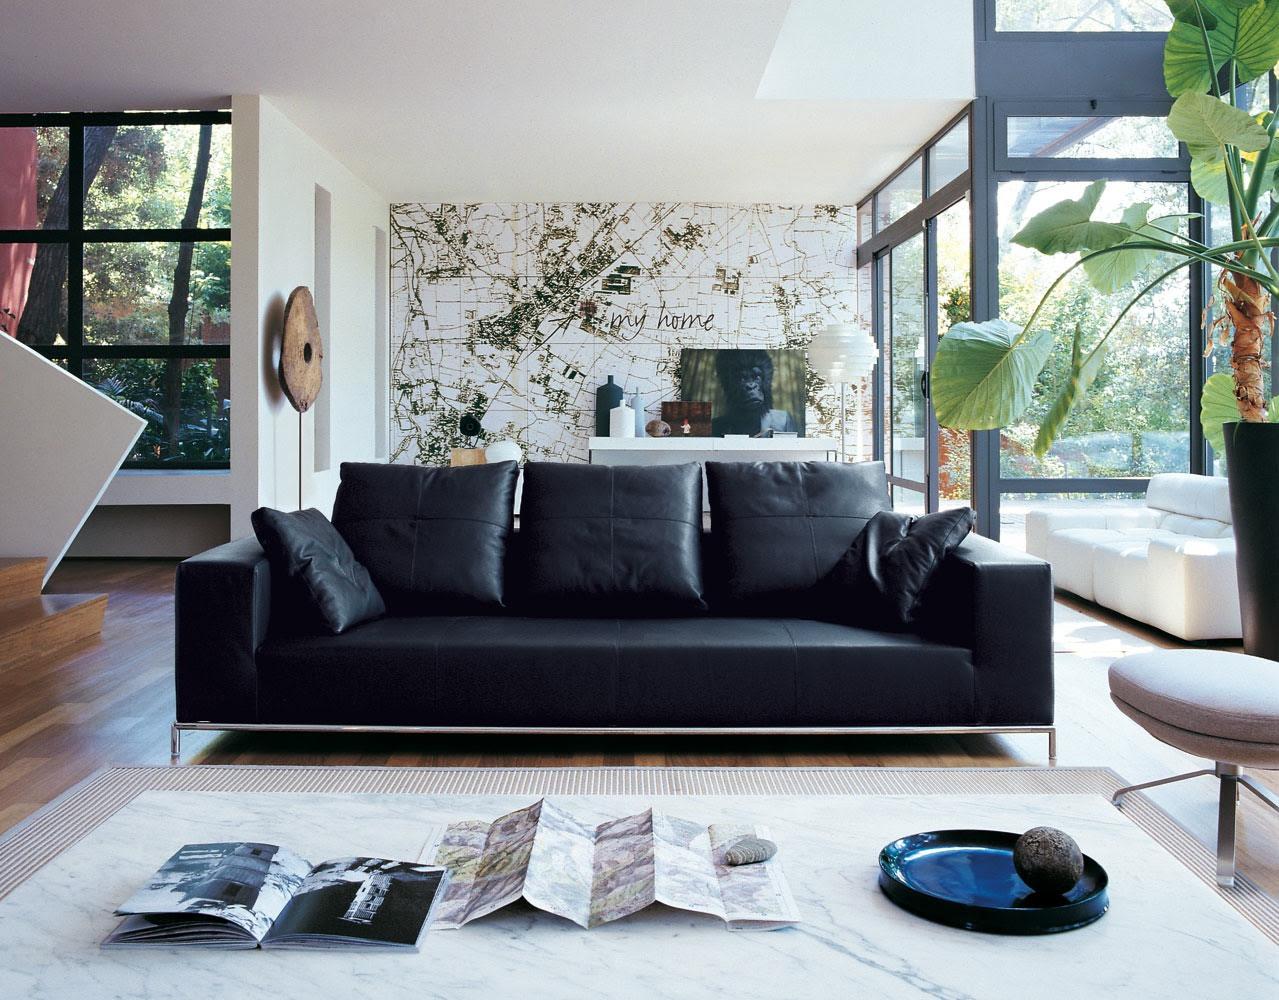 Black Leather Sofa Interior Design Ideas